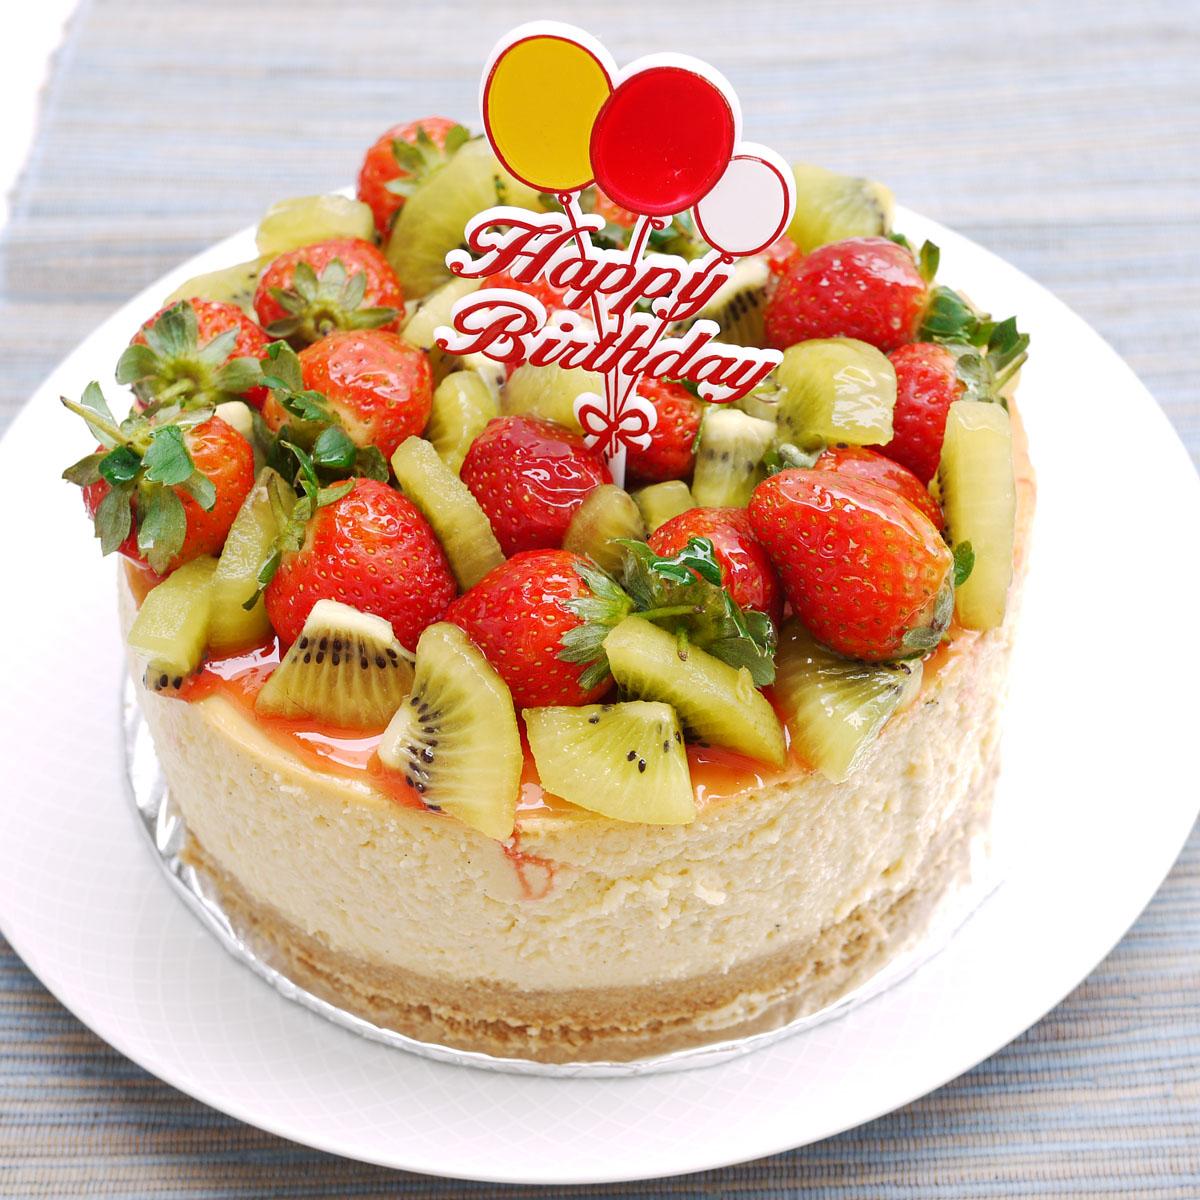 Happy Birthday Fruit Cake ImagesBirthday Fruit Cake HD Images